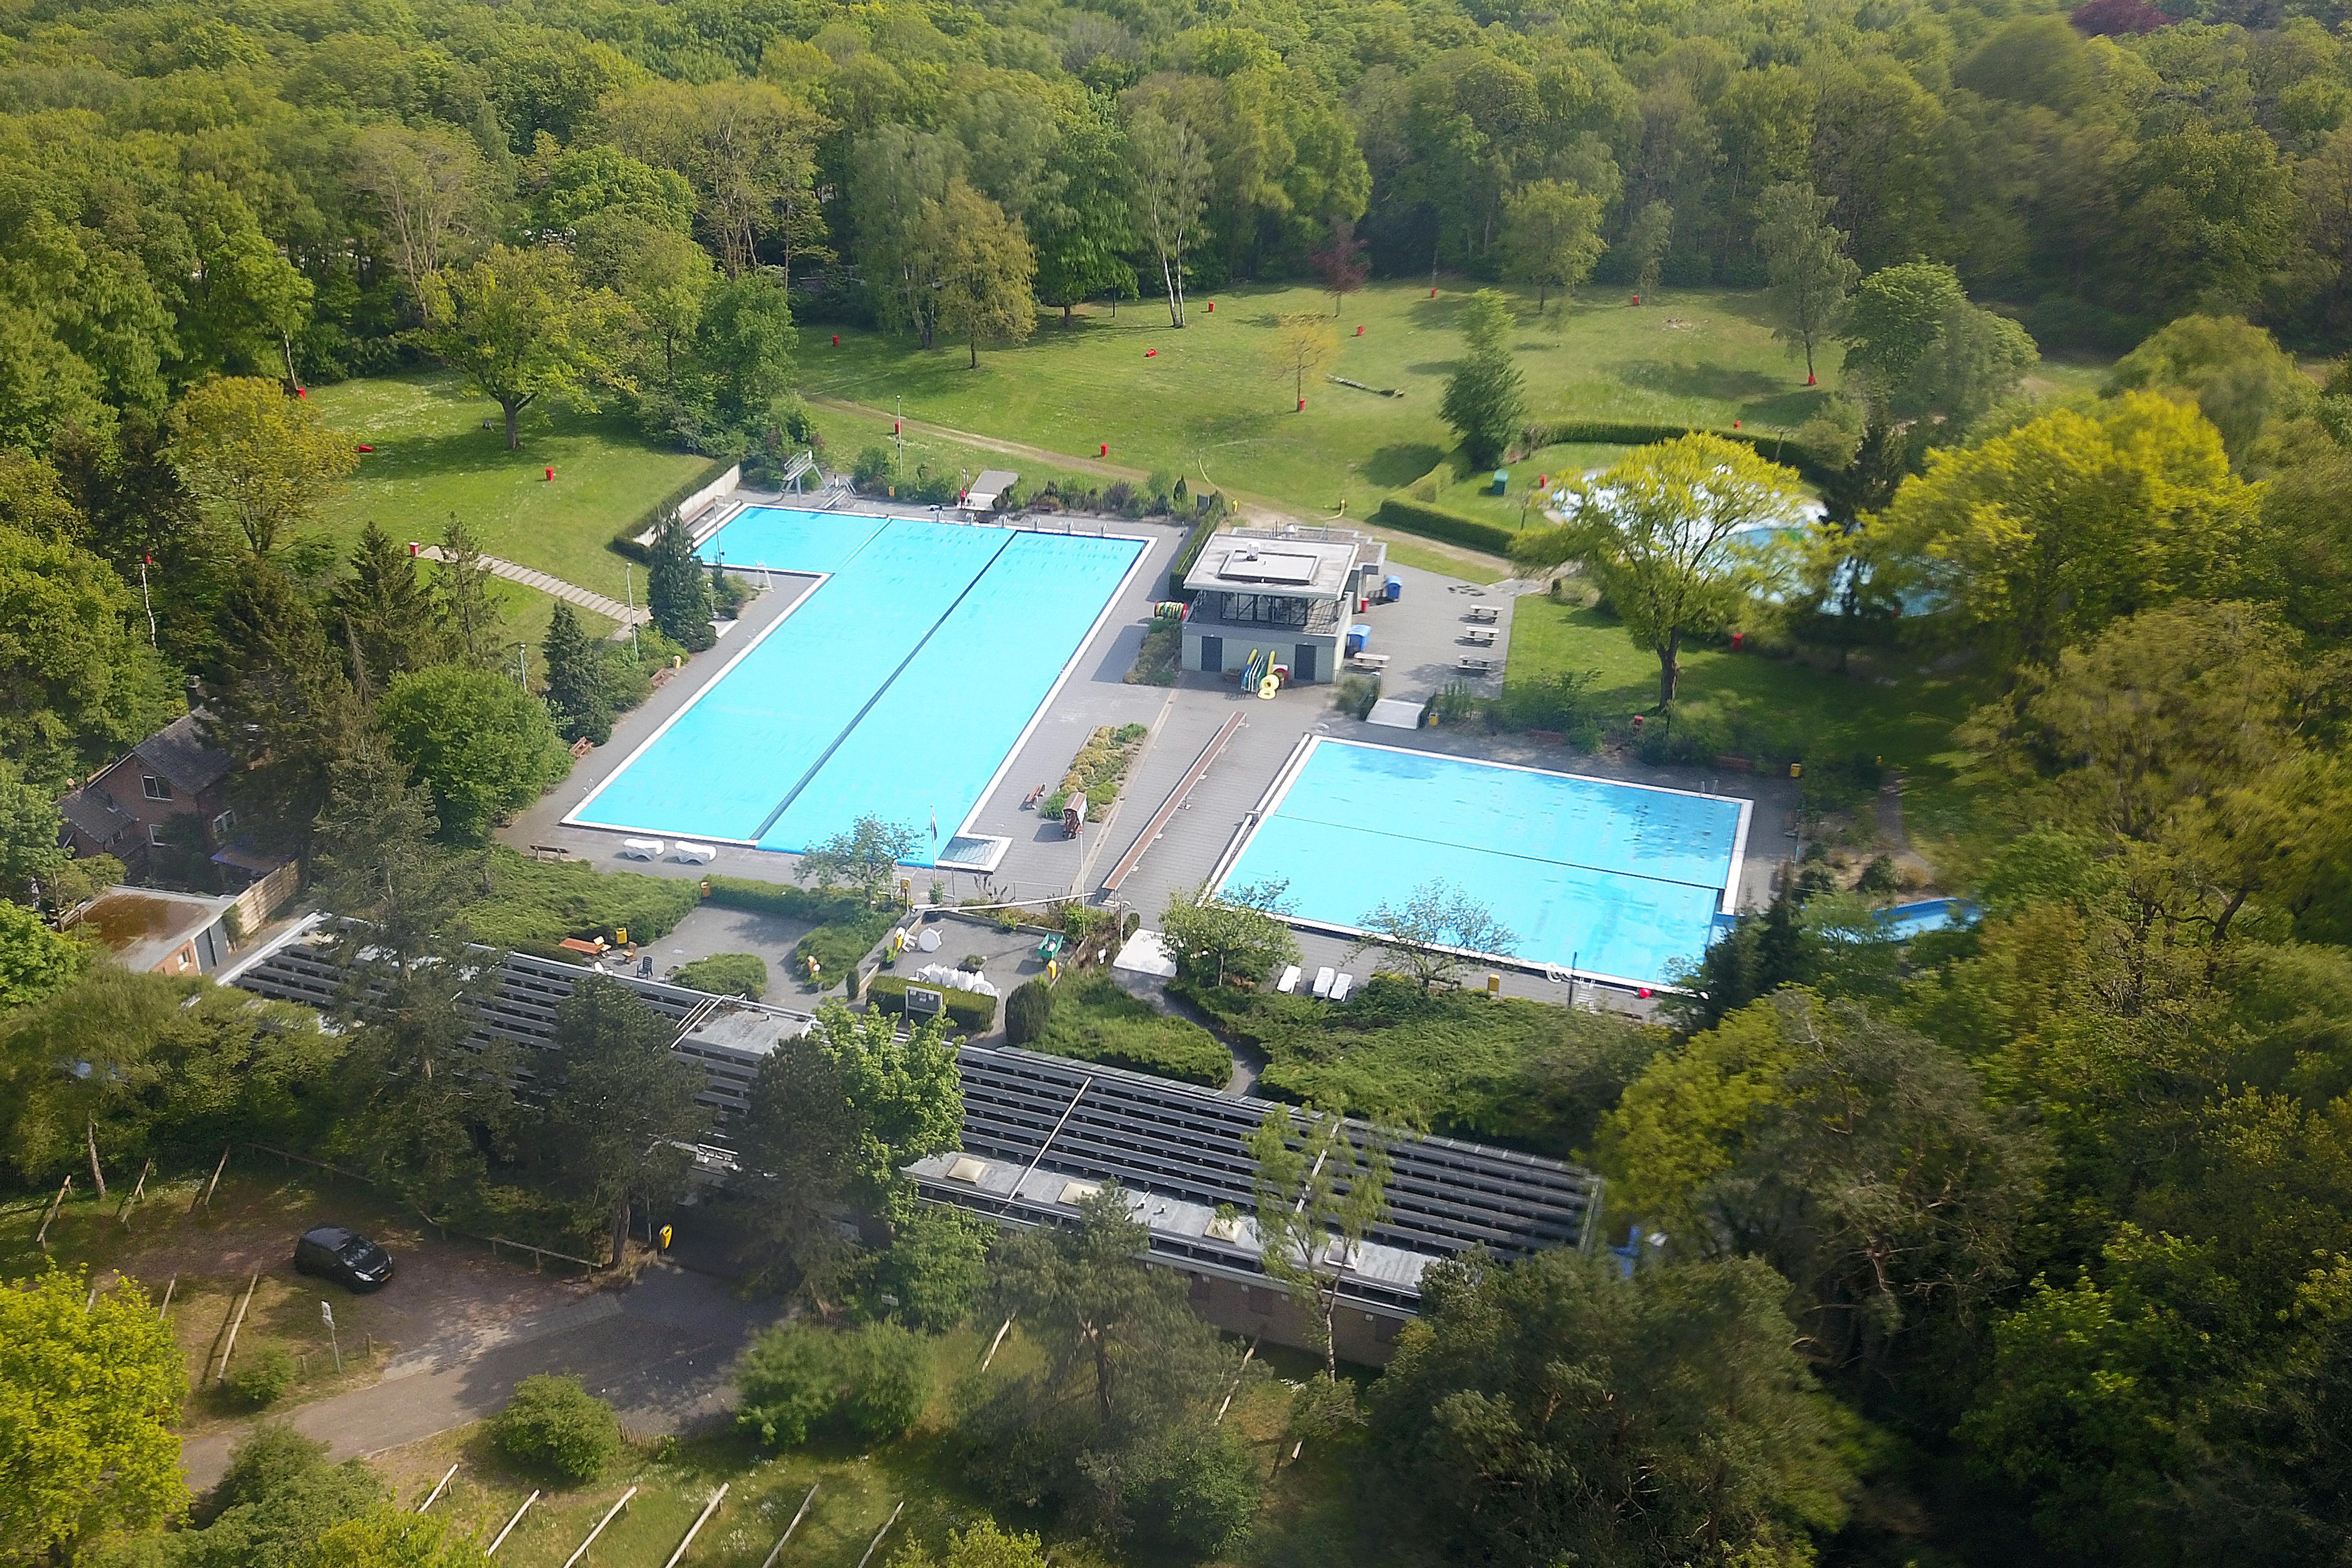 Zwembad Sijsjesberg in Huizen gaat toch gedeeltelijk weer open